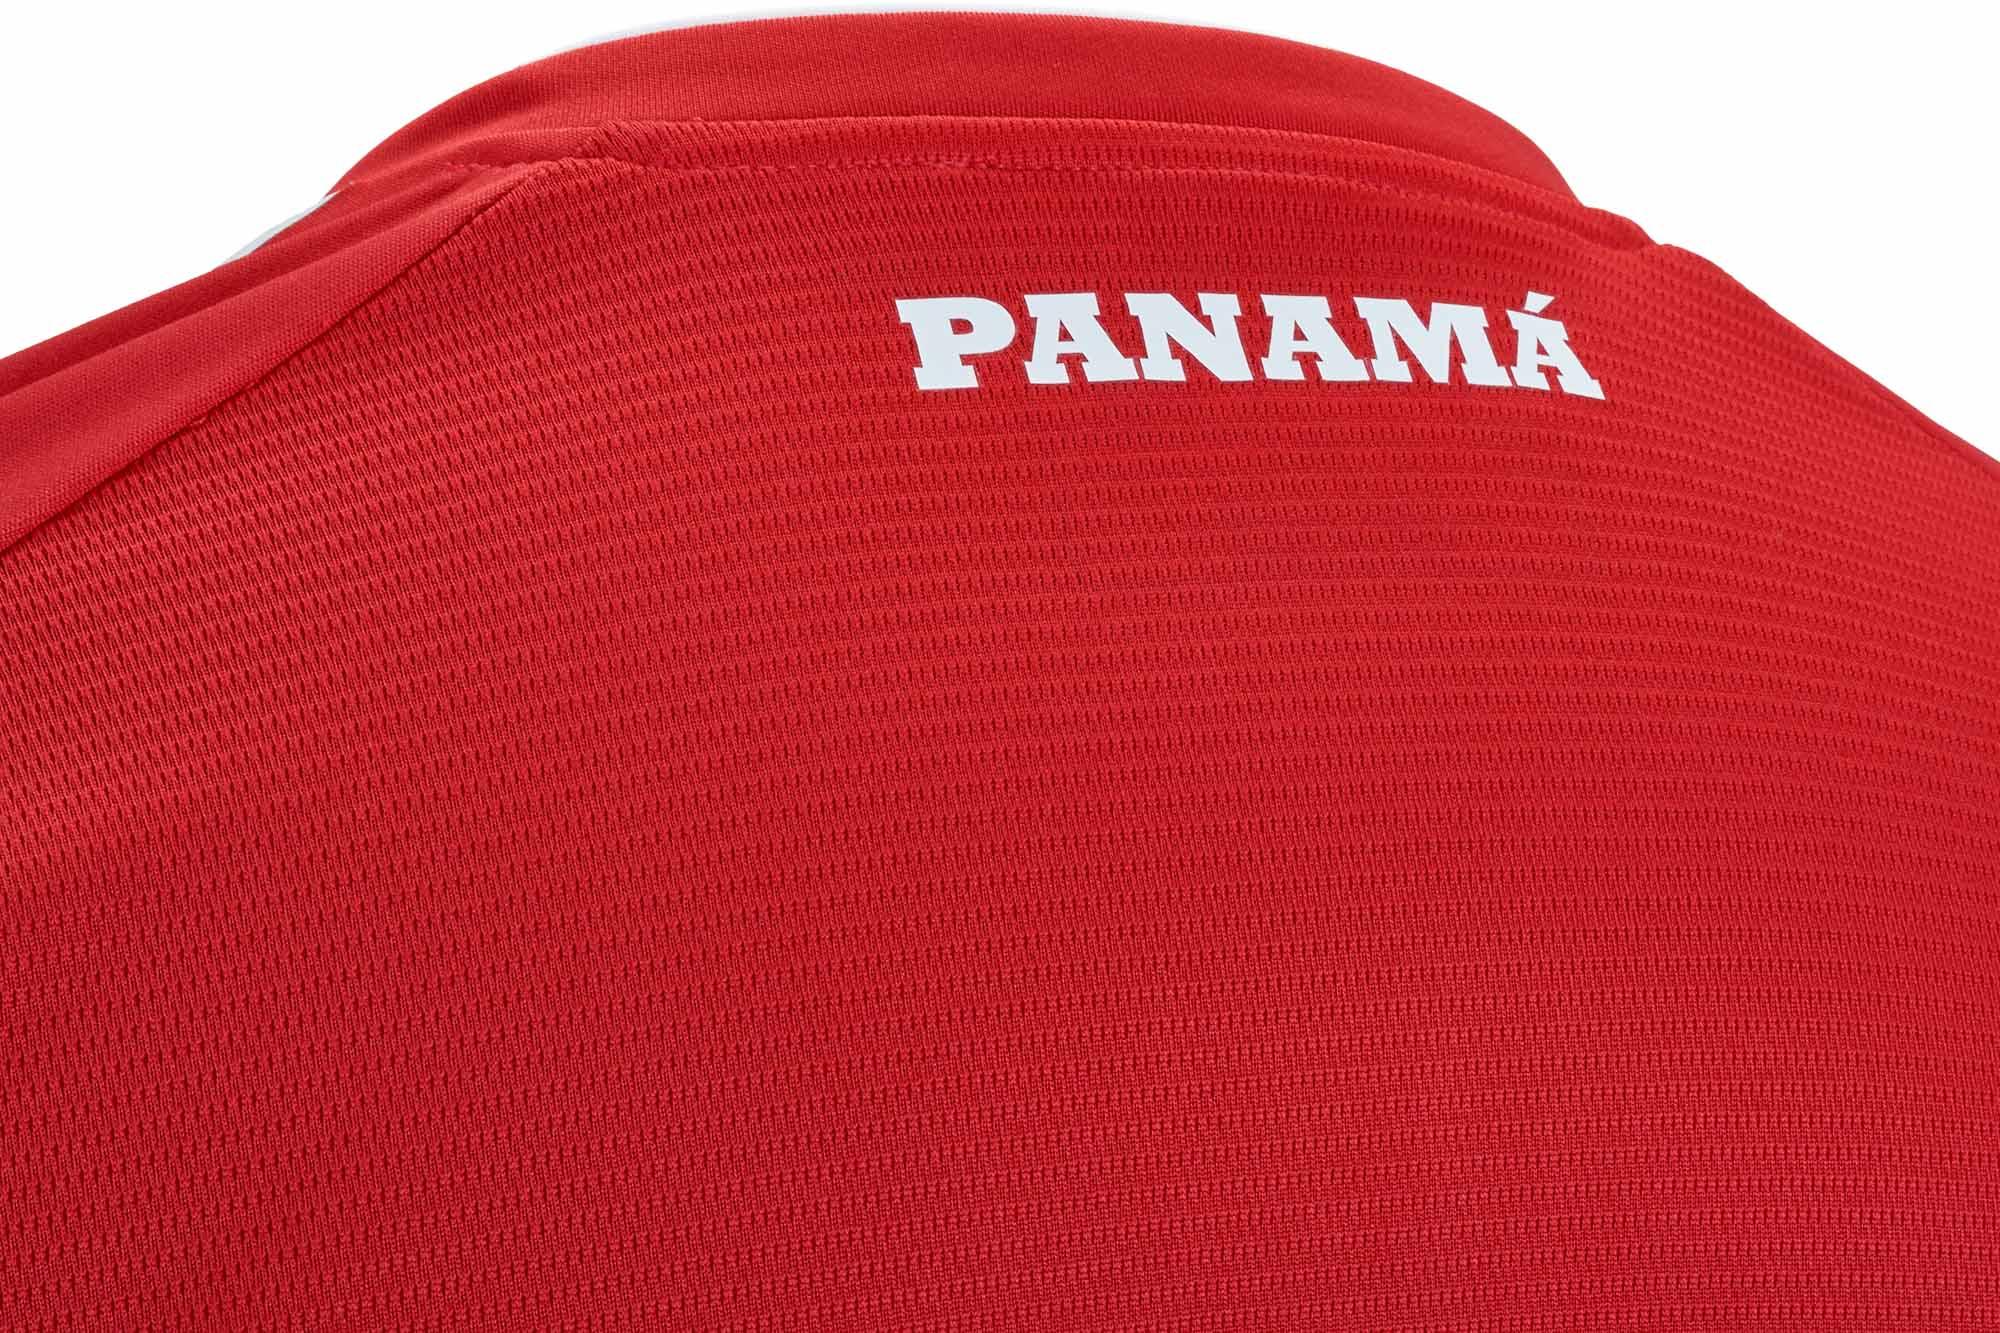 new balance panama home jersey 2018